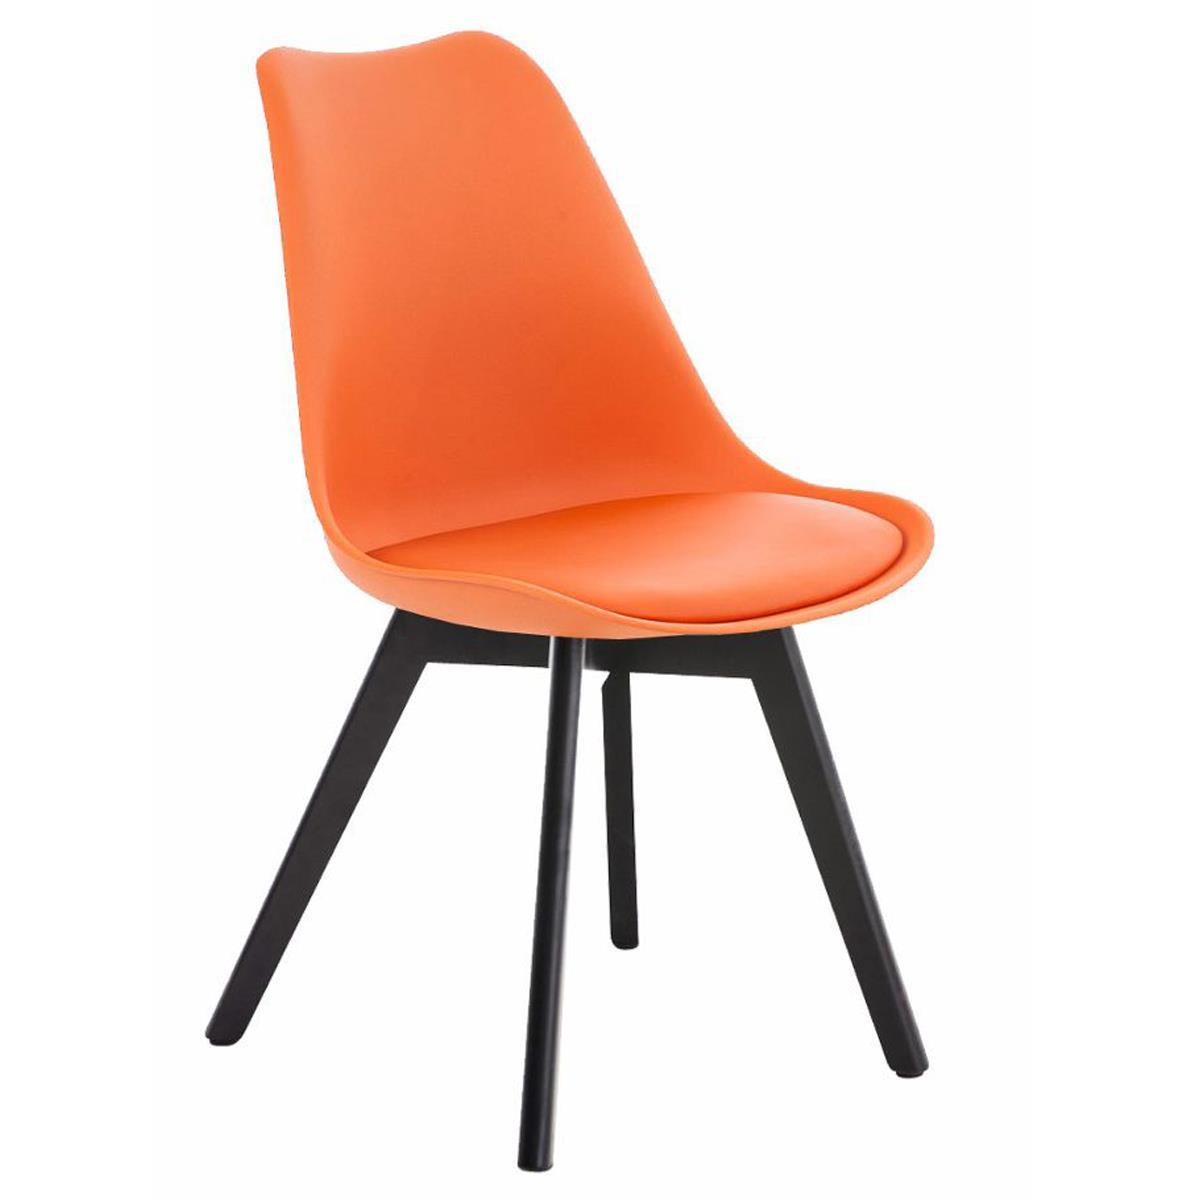 Silla de dise o confidente bosforo exclusivo dise o con patas oscuras en piel color naranja - Sillas plastico diseno ...